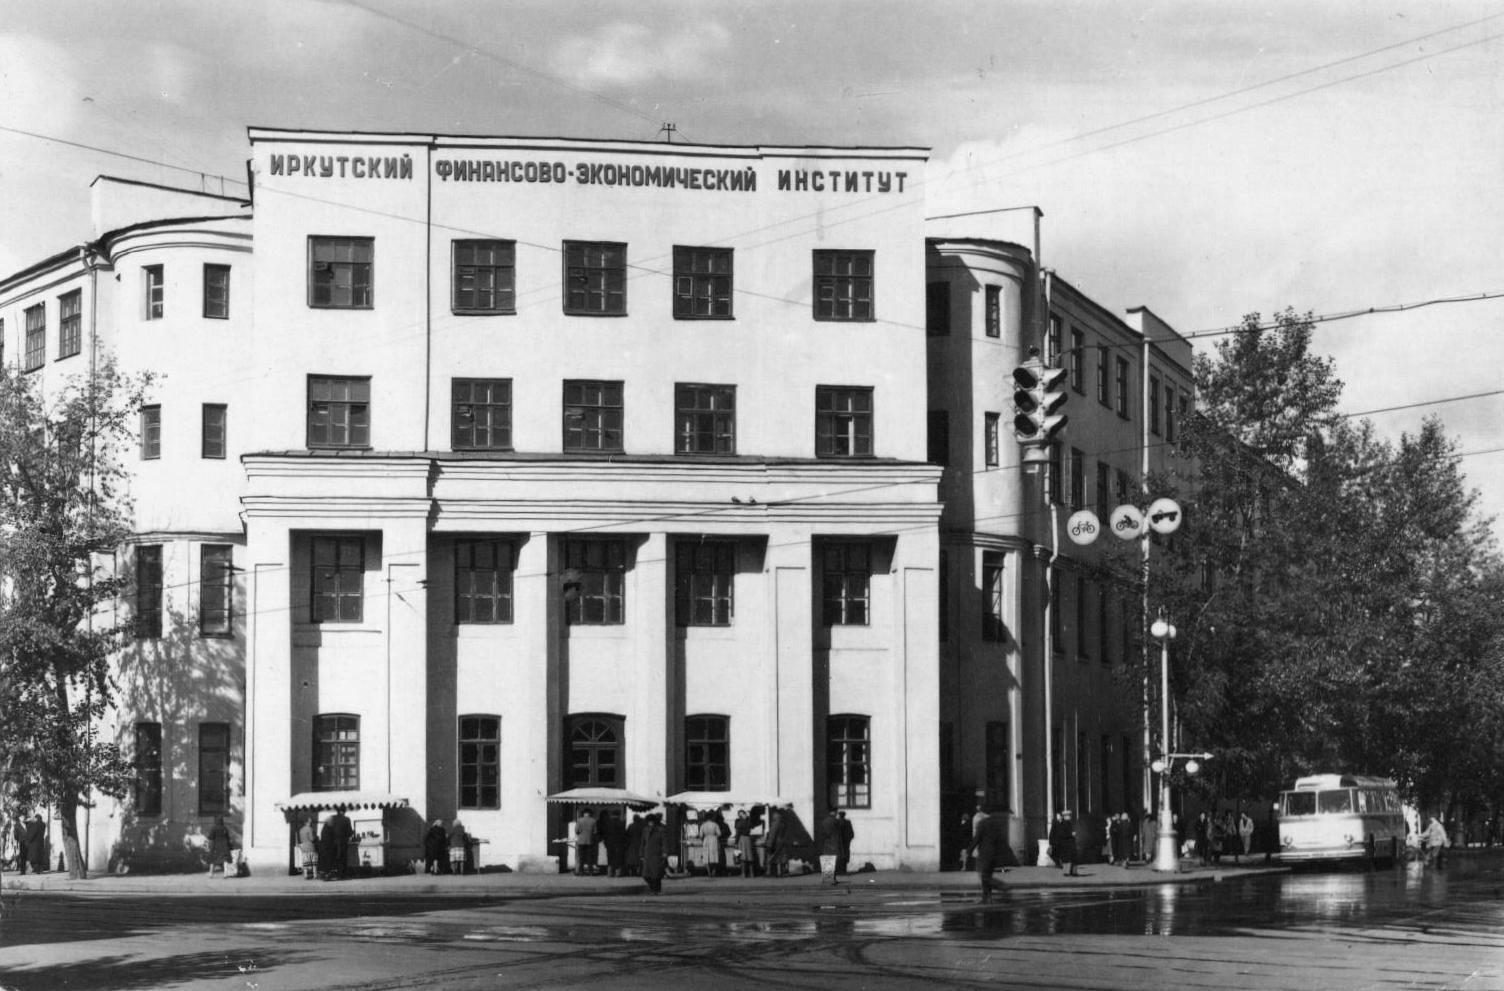 1961. Финансово-экономический институт